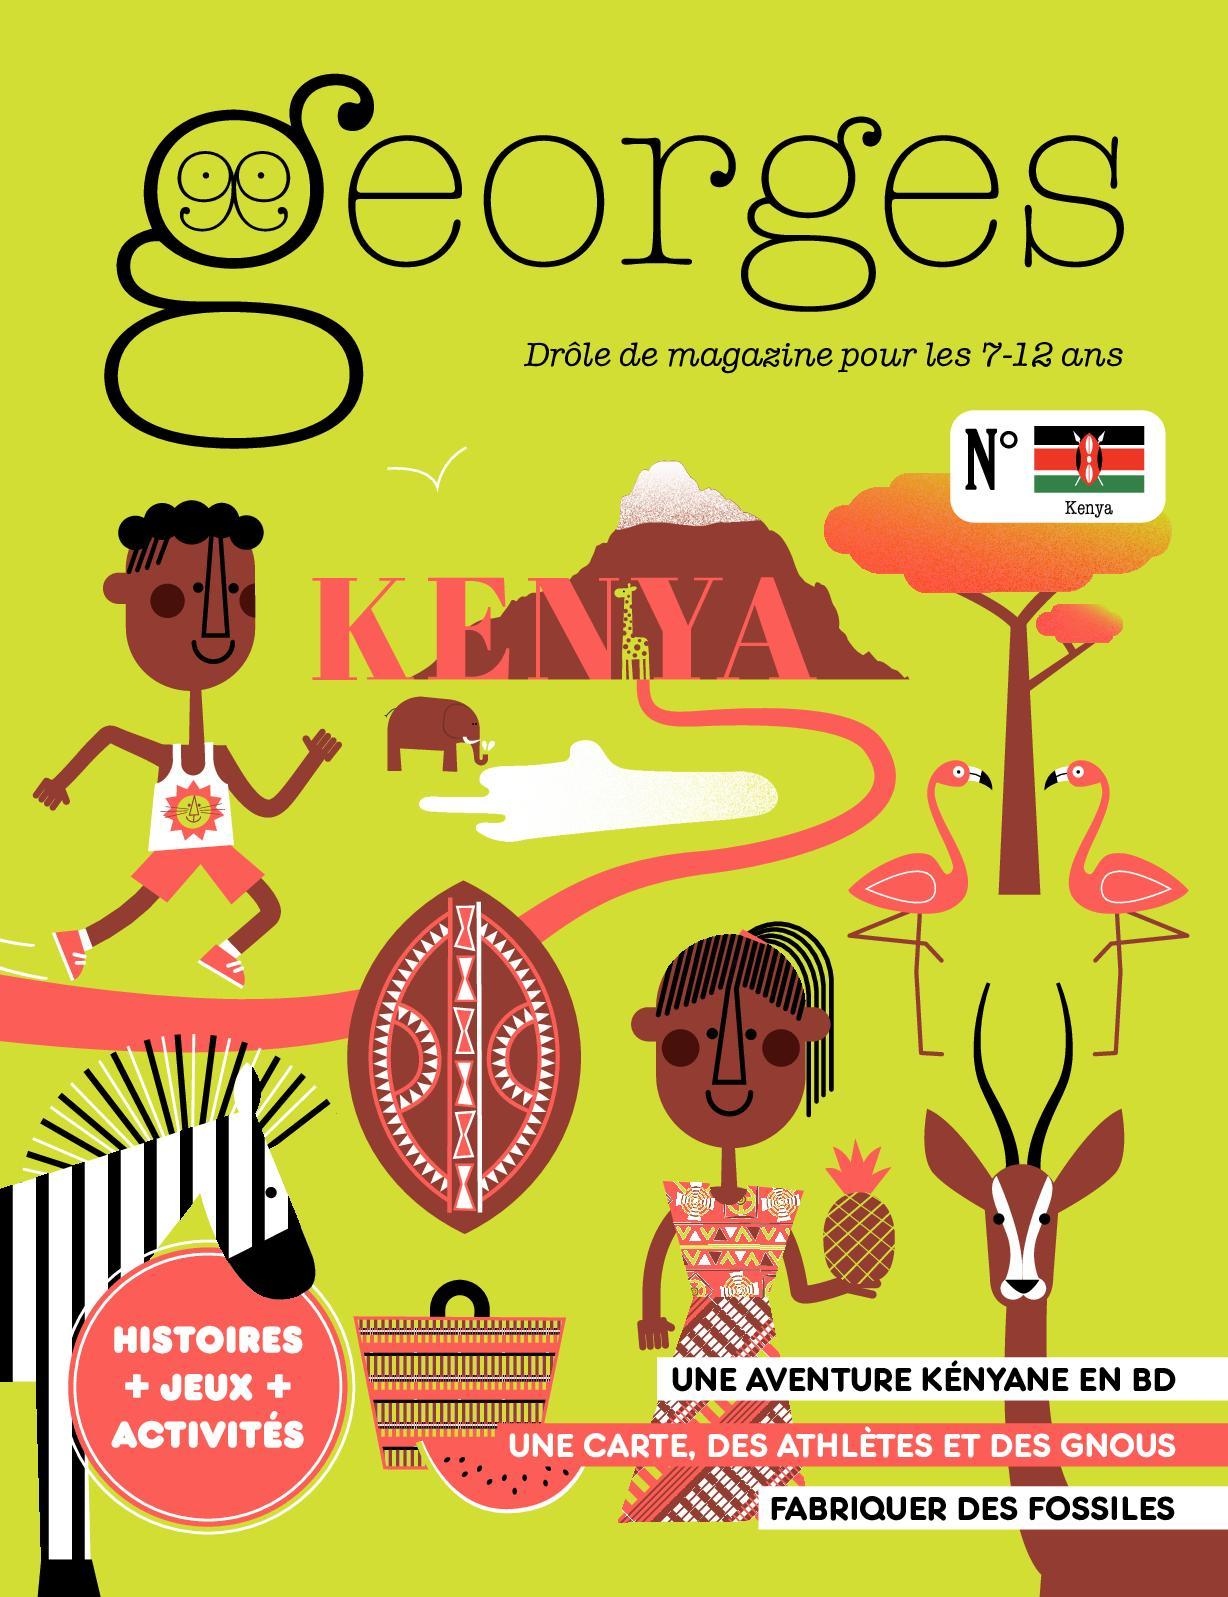 GEORGES KENYA